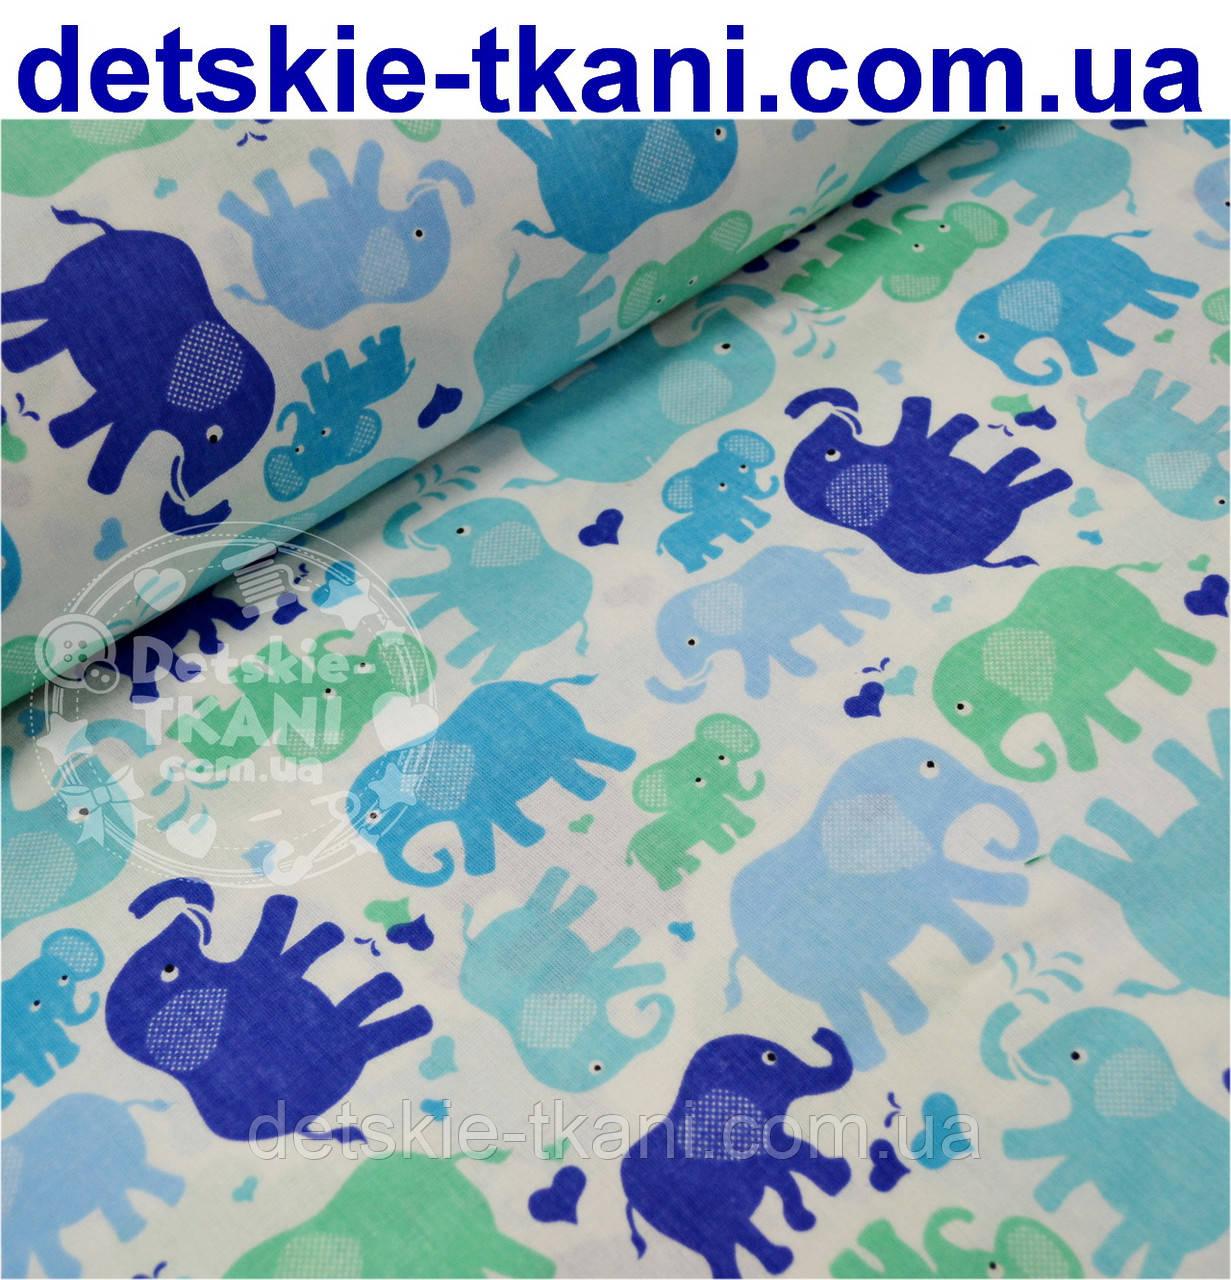 Ткань с цветными слонами: синими, голубыми, мятными (№465)